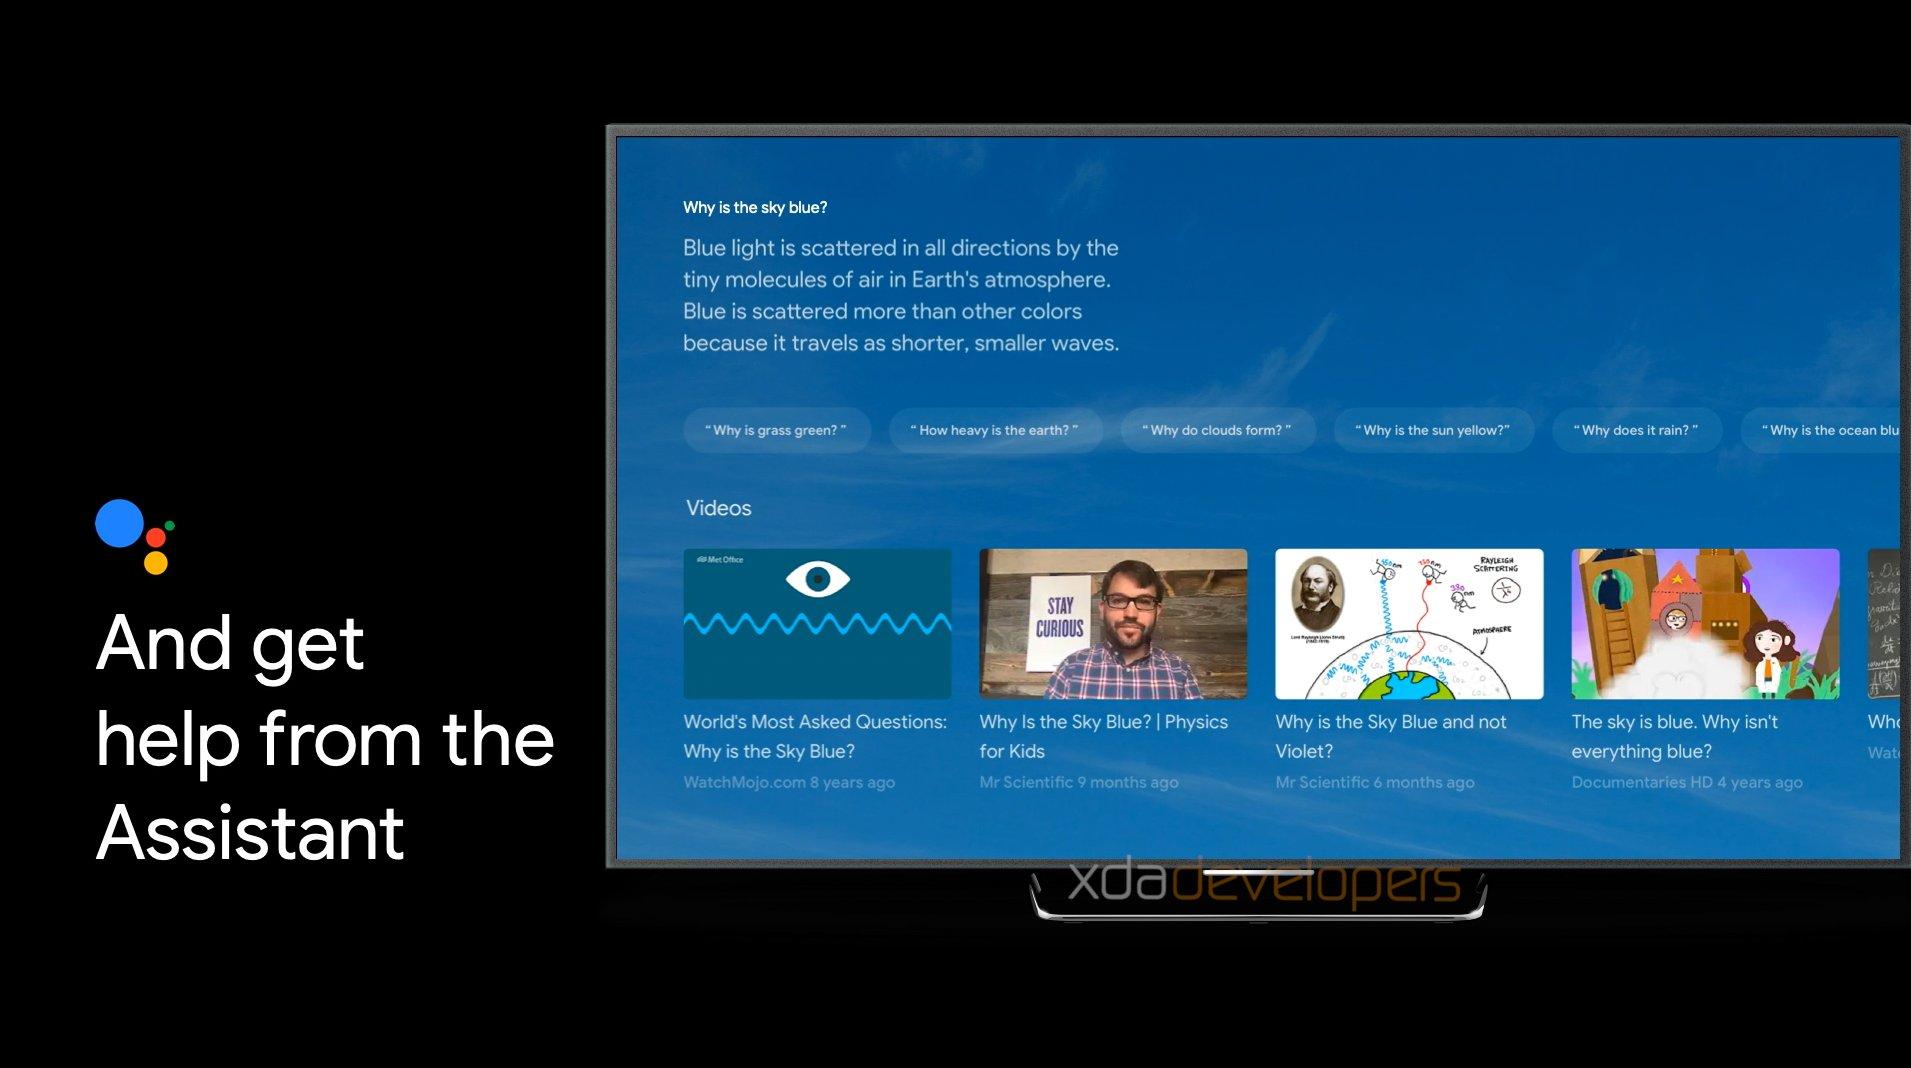 la nuova interfaccia di ricerca basata su Google Assistant